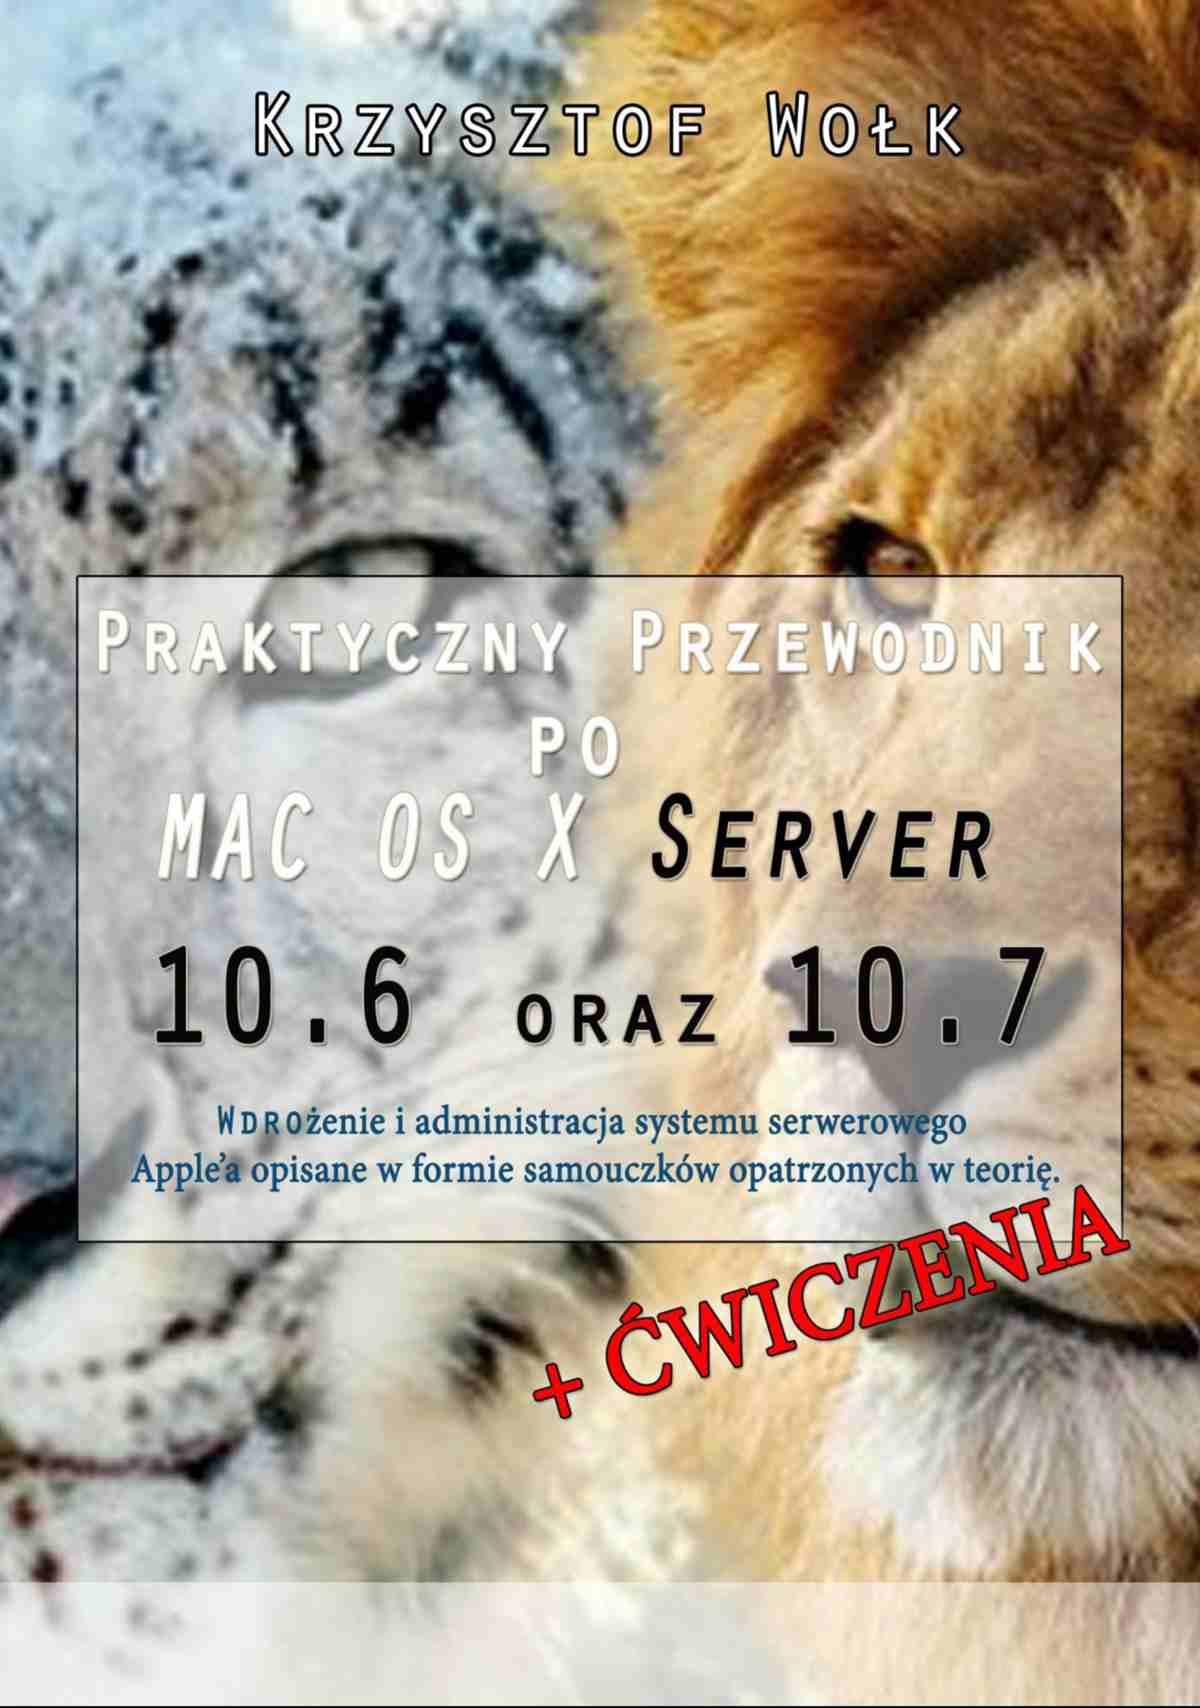 Praktyczny przewodnik po MAC OS X Server 10.6 oraz 10.7 - Ebook (Książka EPUB) do pobrania w formacie EPUB